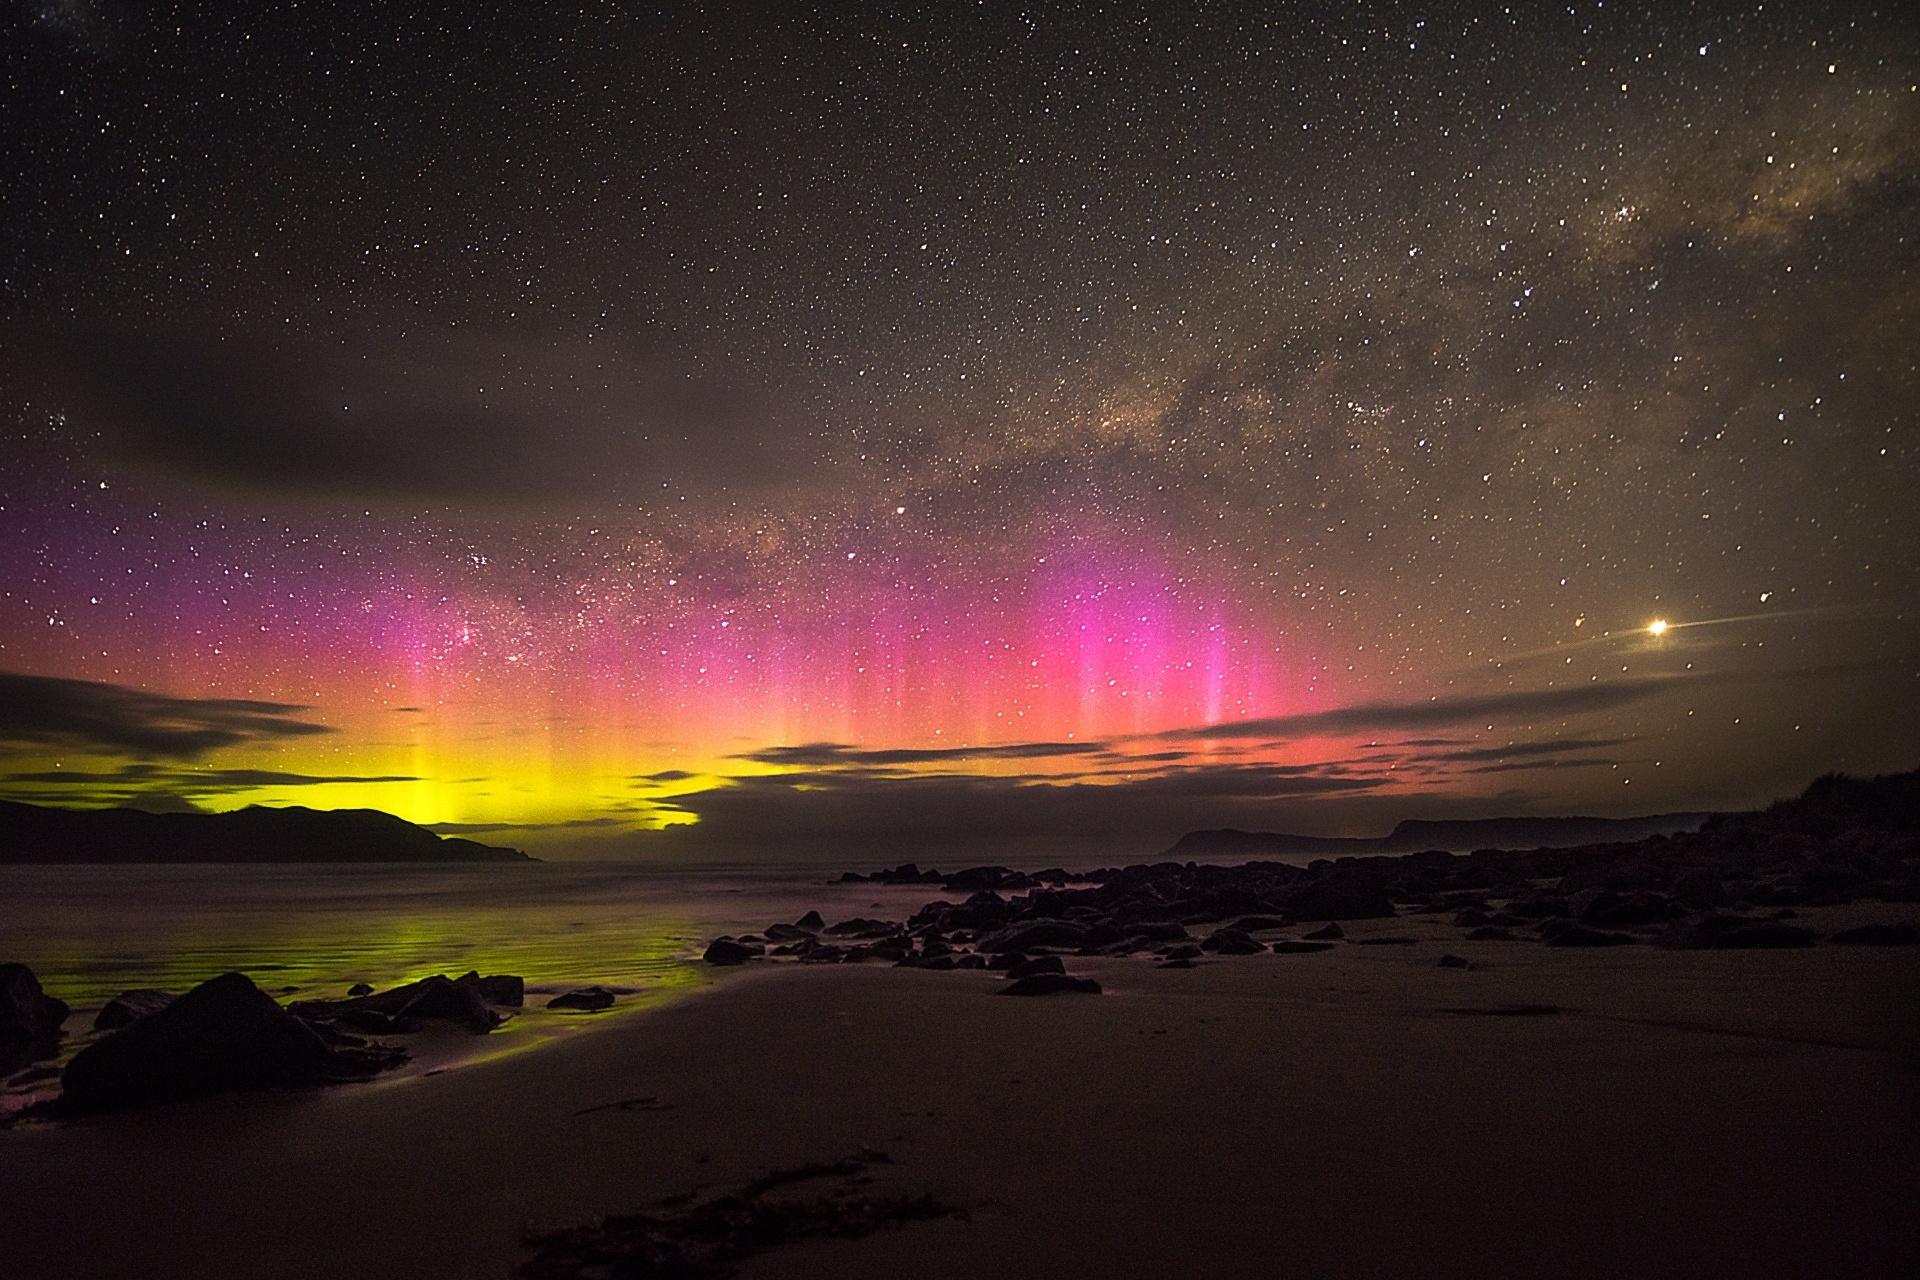 オーロラの風景 タスマニア クラウディー湾 オーストラリアの風景